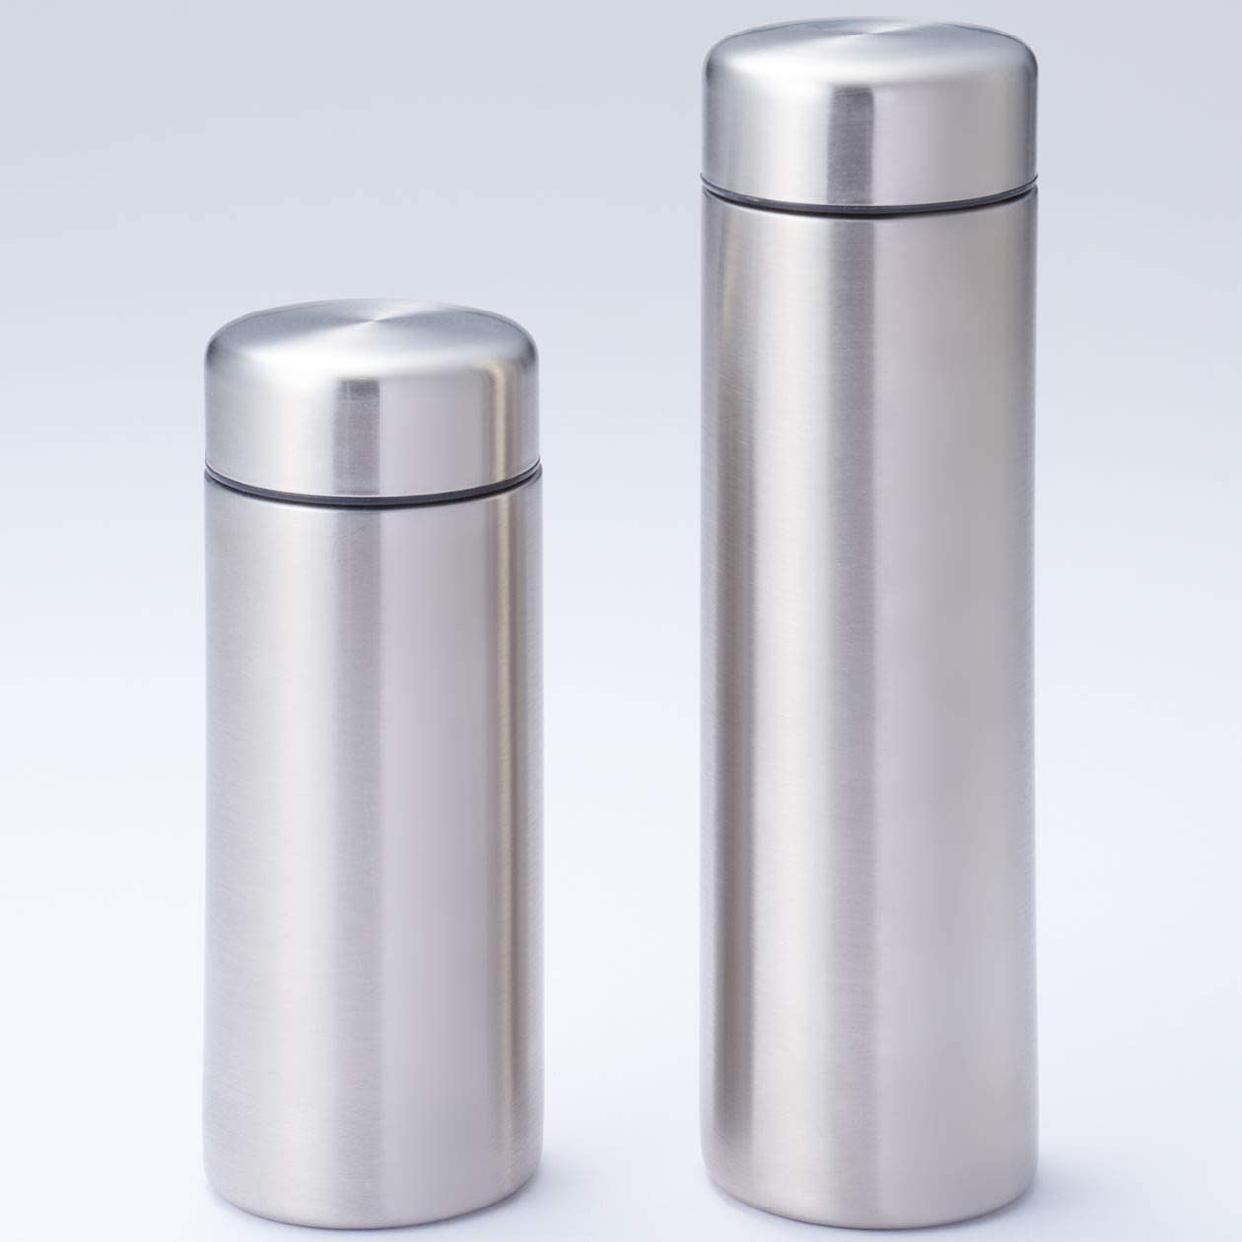 無印良品(MUJI) ステンレス保温保冷マグ 500ml シルバーの商品画像2